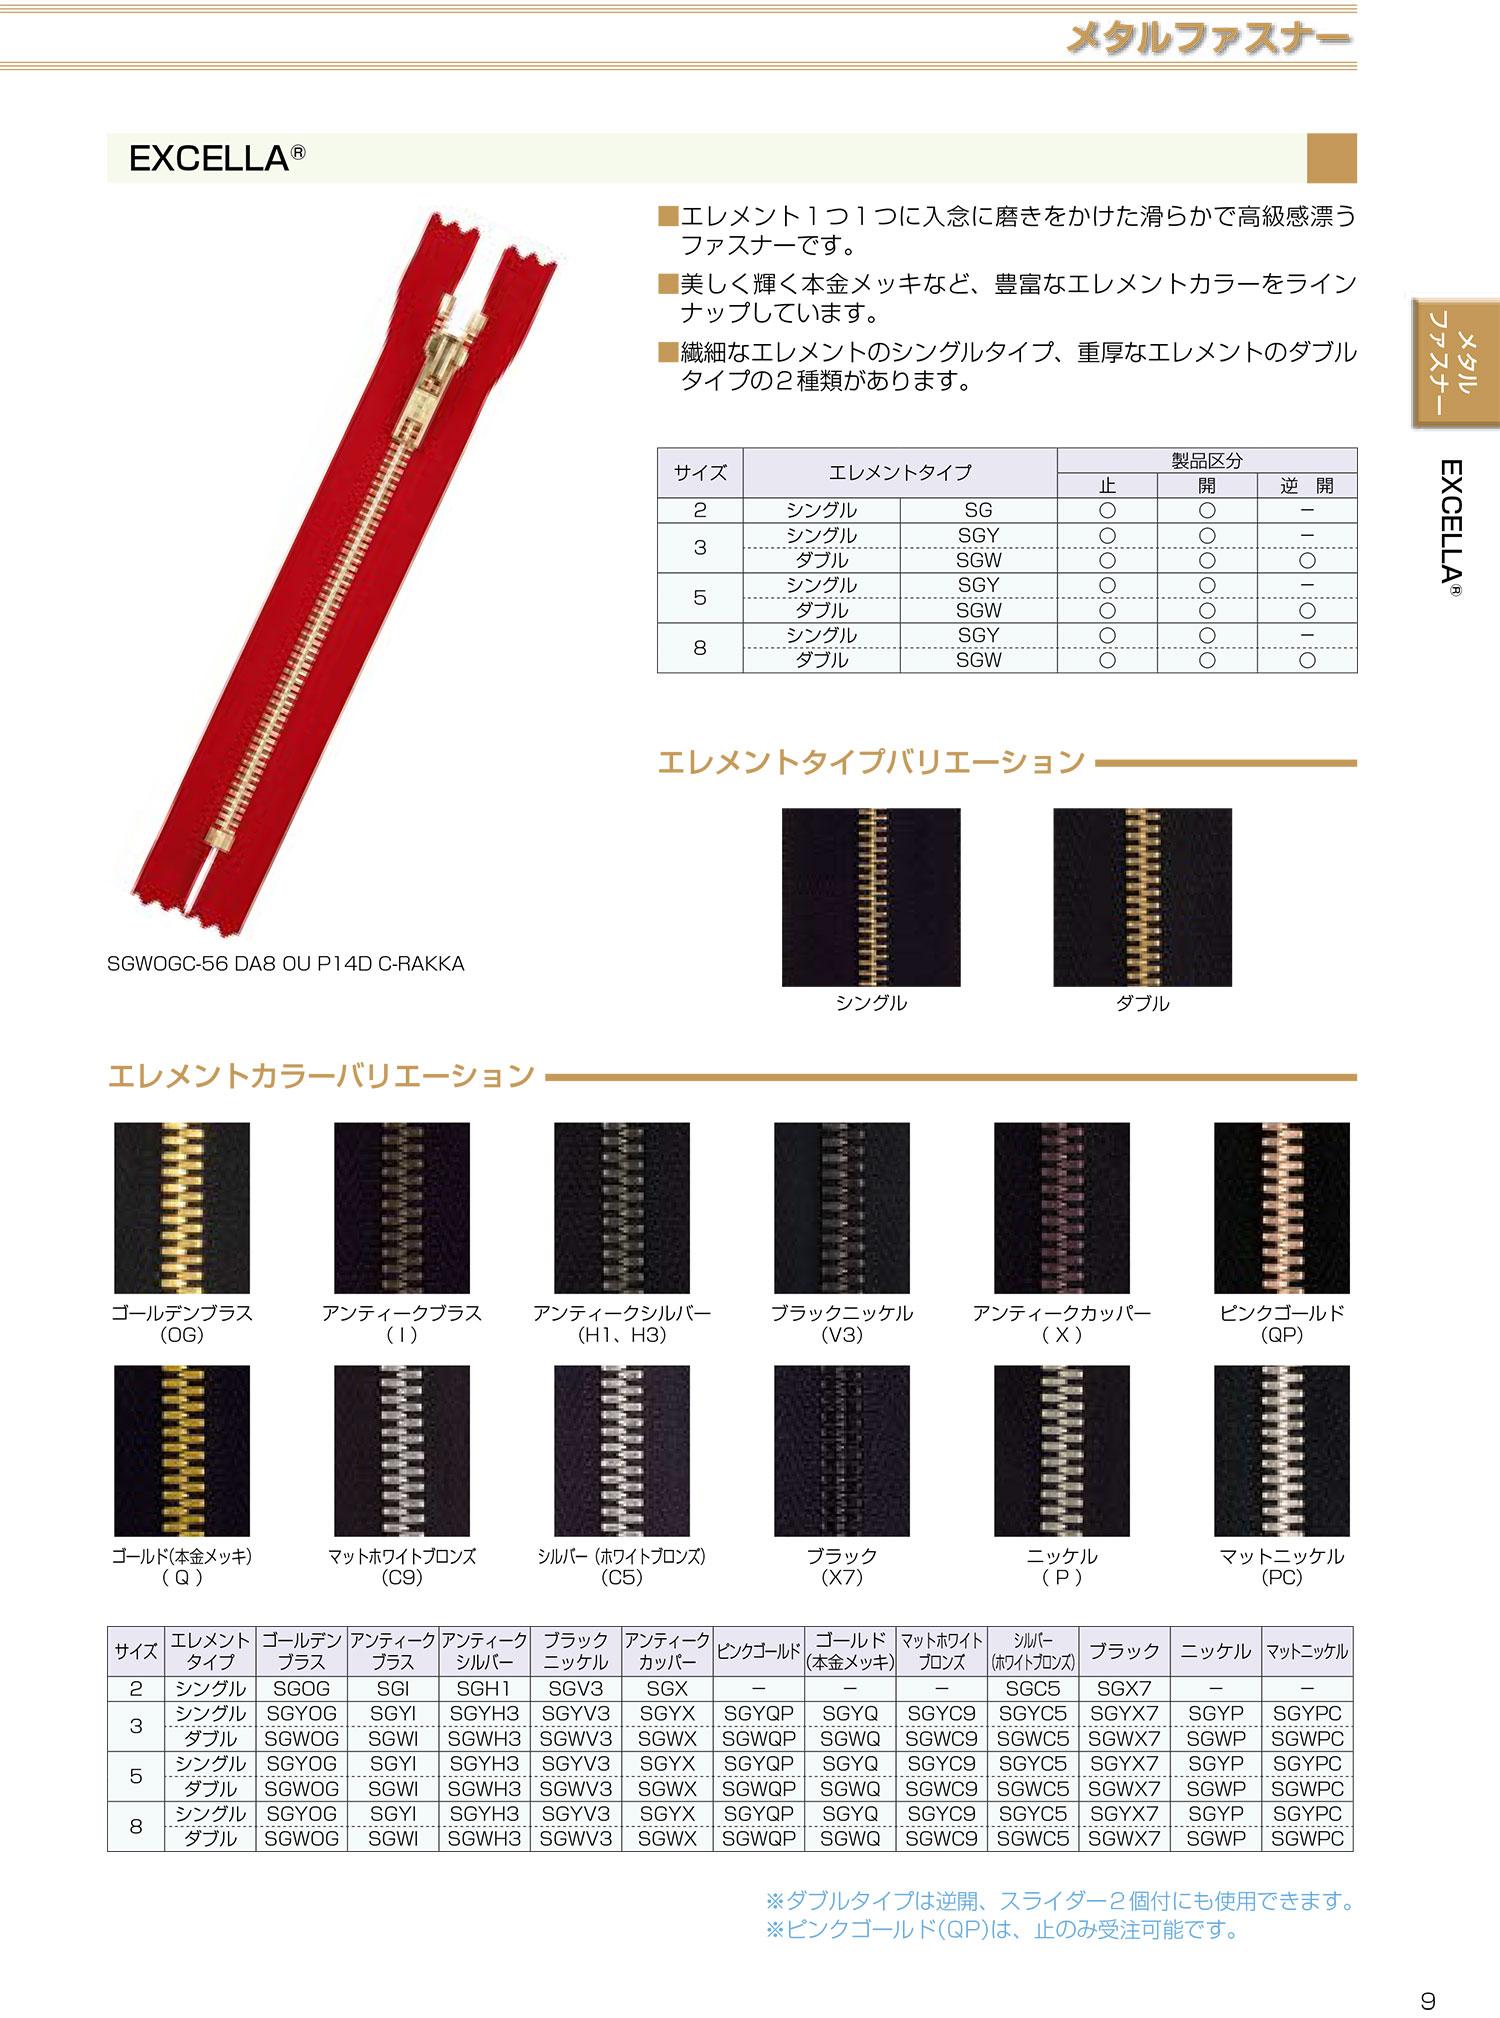 8SGYV3C エクセラ 8サイズ ブラックニッケル 止め シングル[ファスナー] YKK/オークラ商事 - ApparelX アパレル資材卸通販